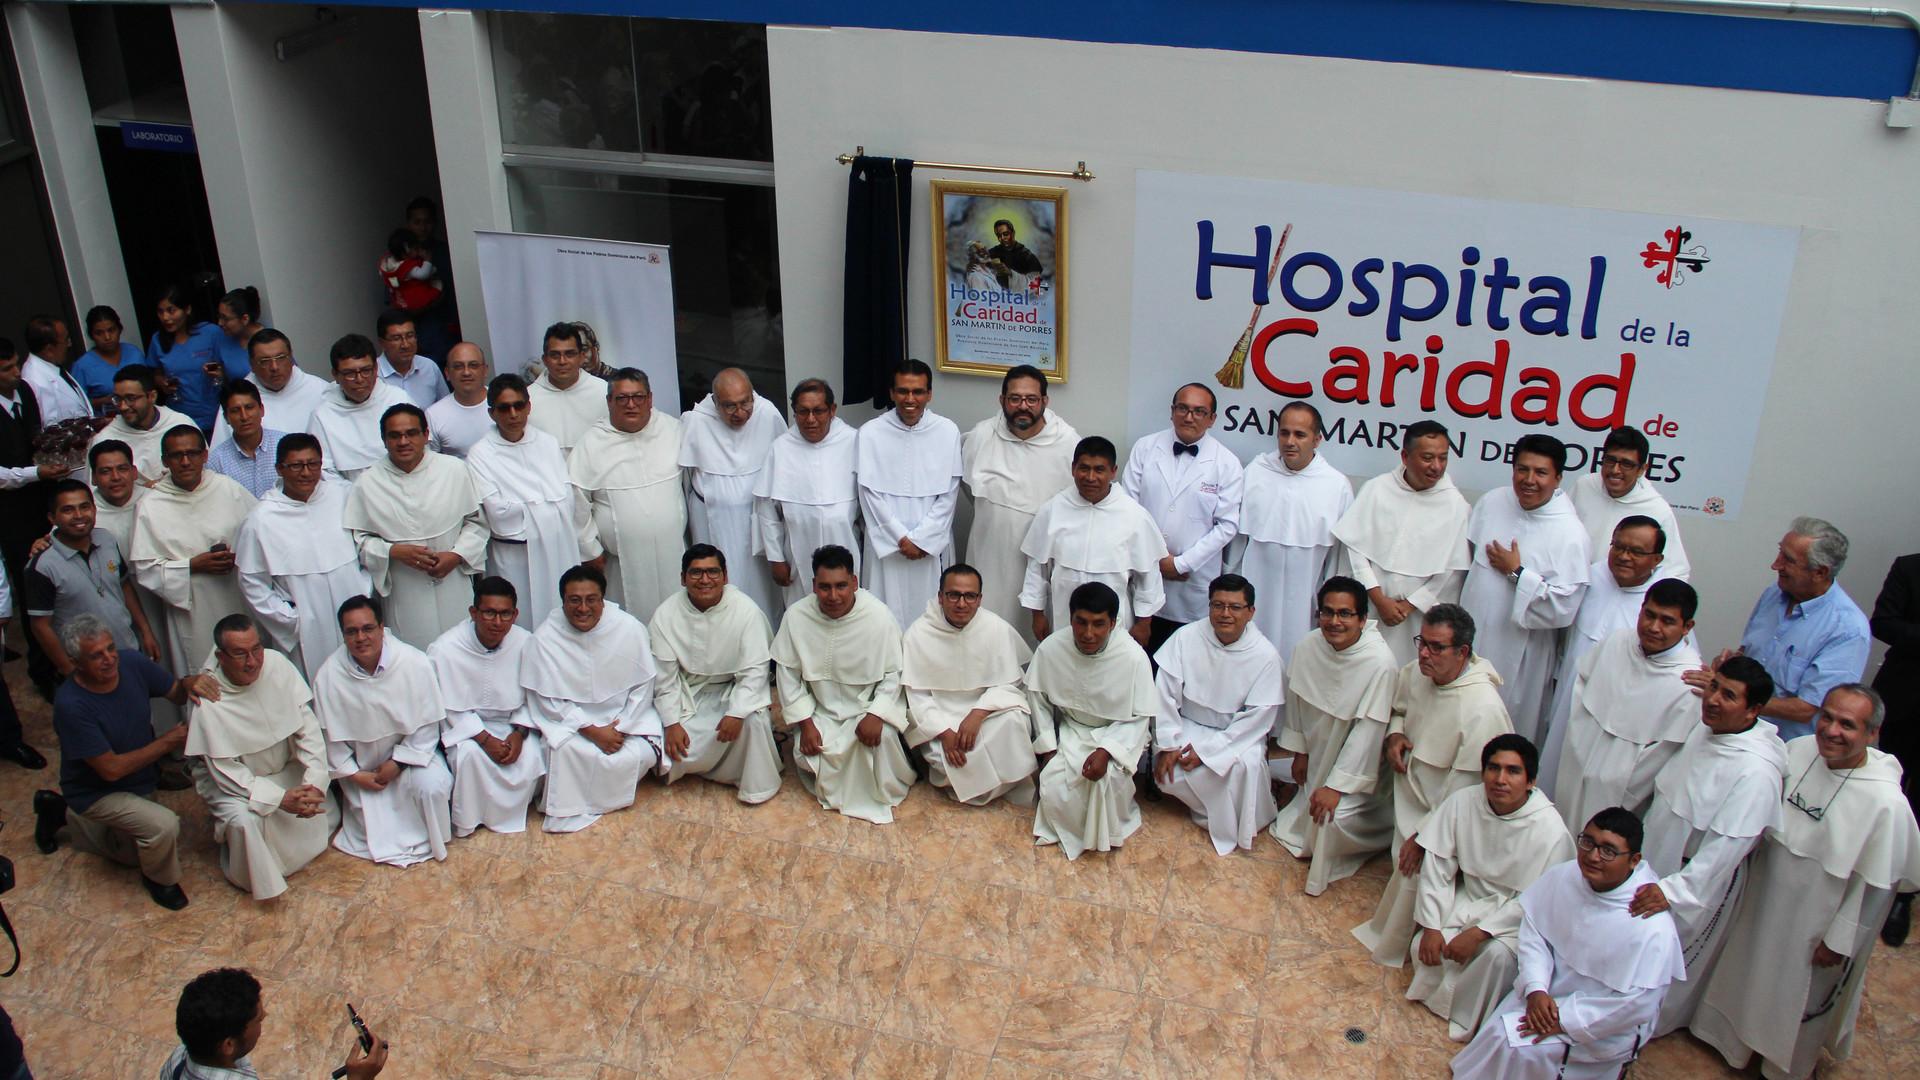 Bendición del Hospital de la Caridad